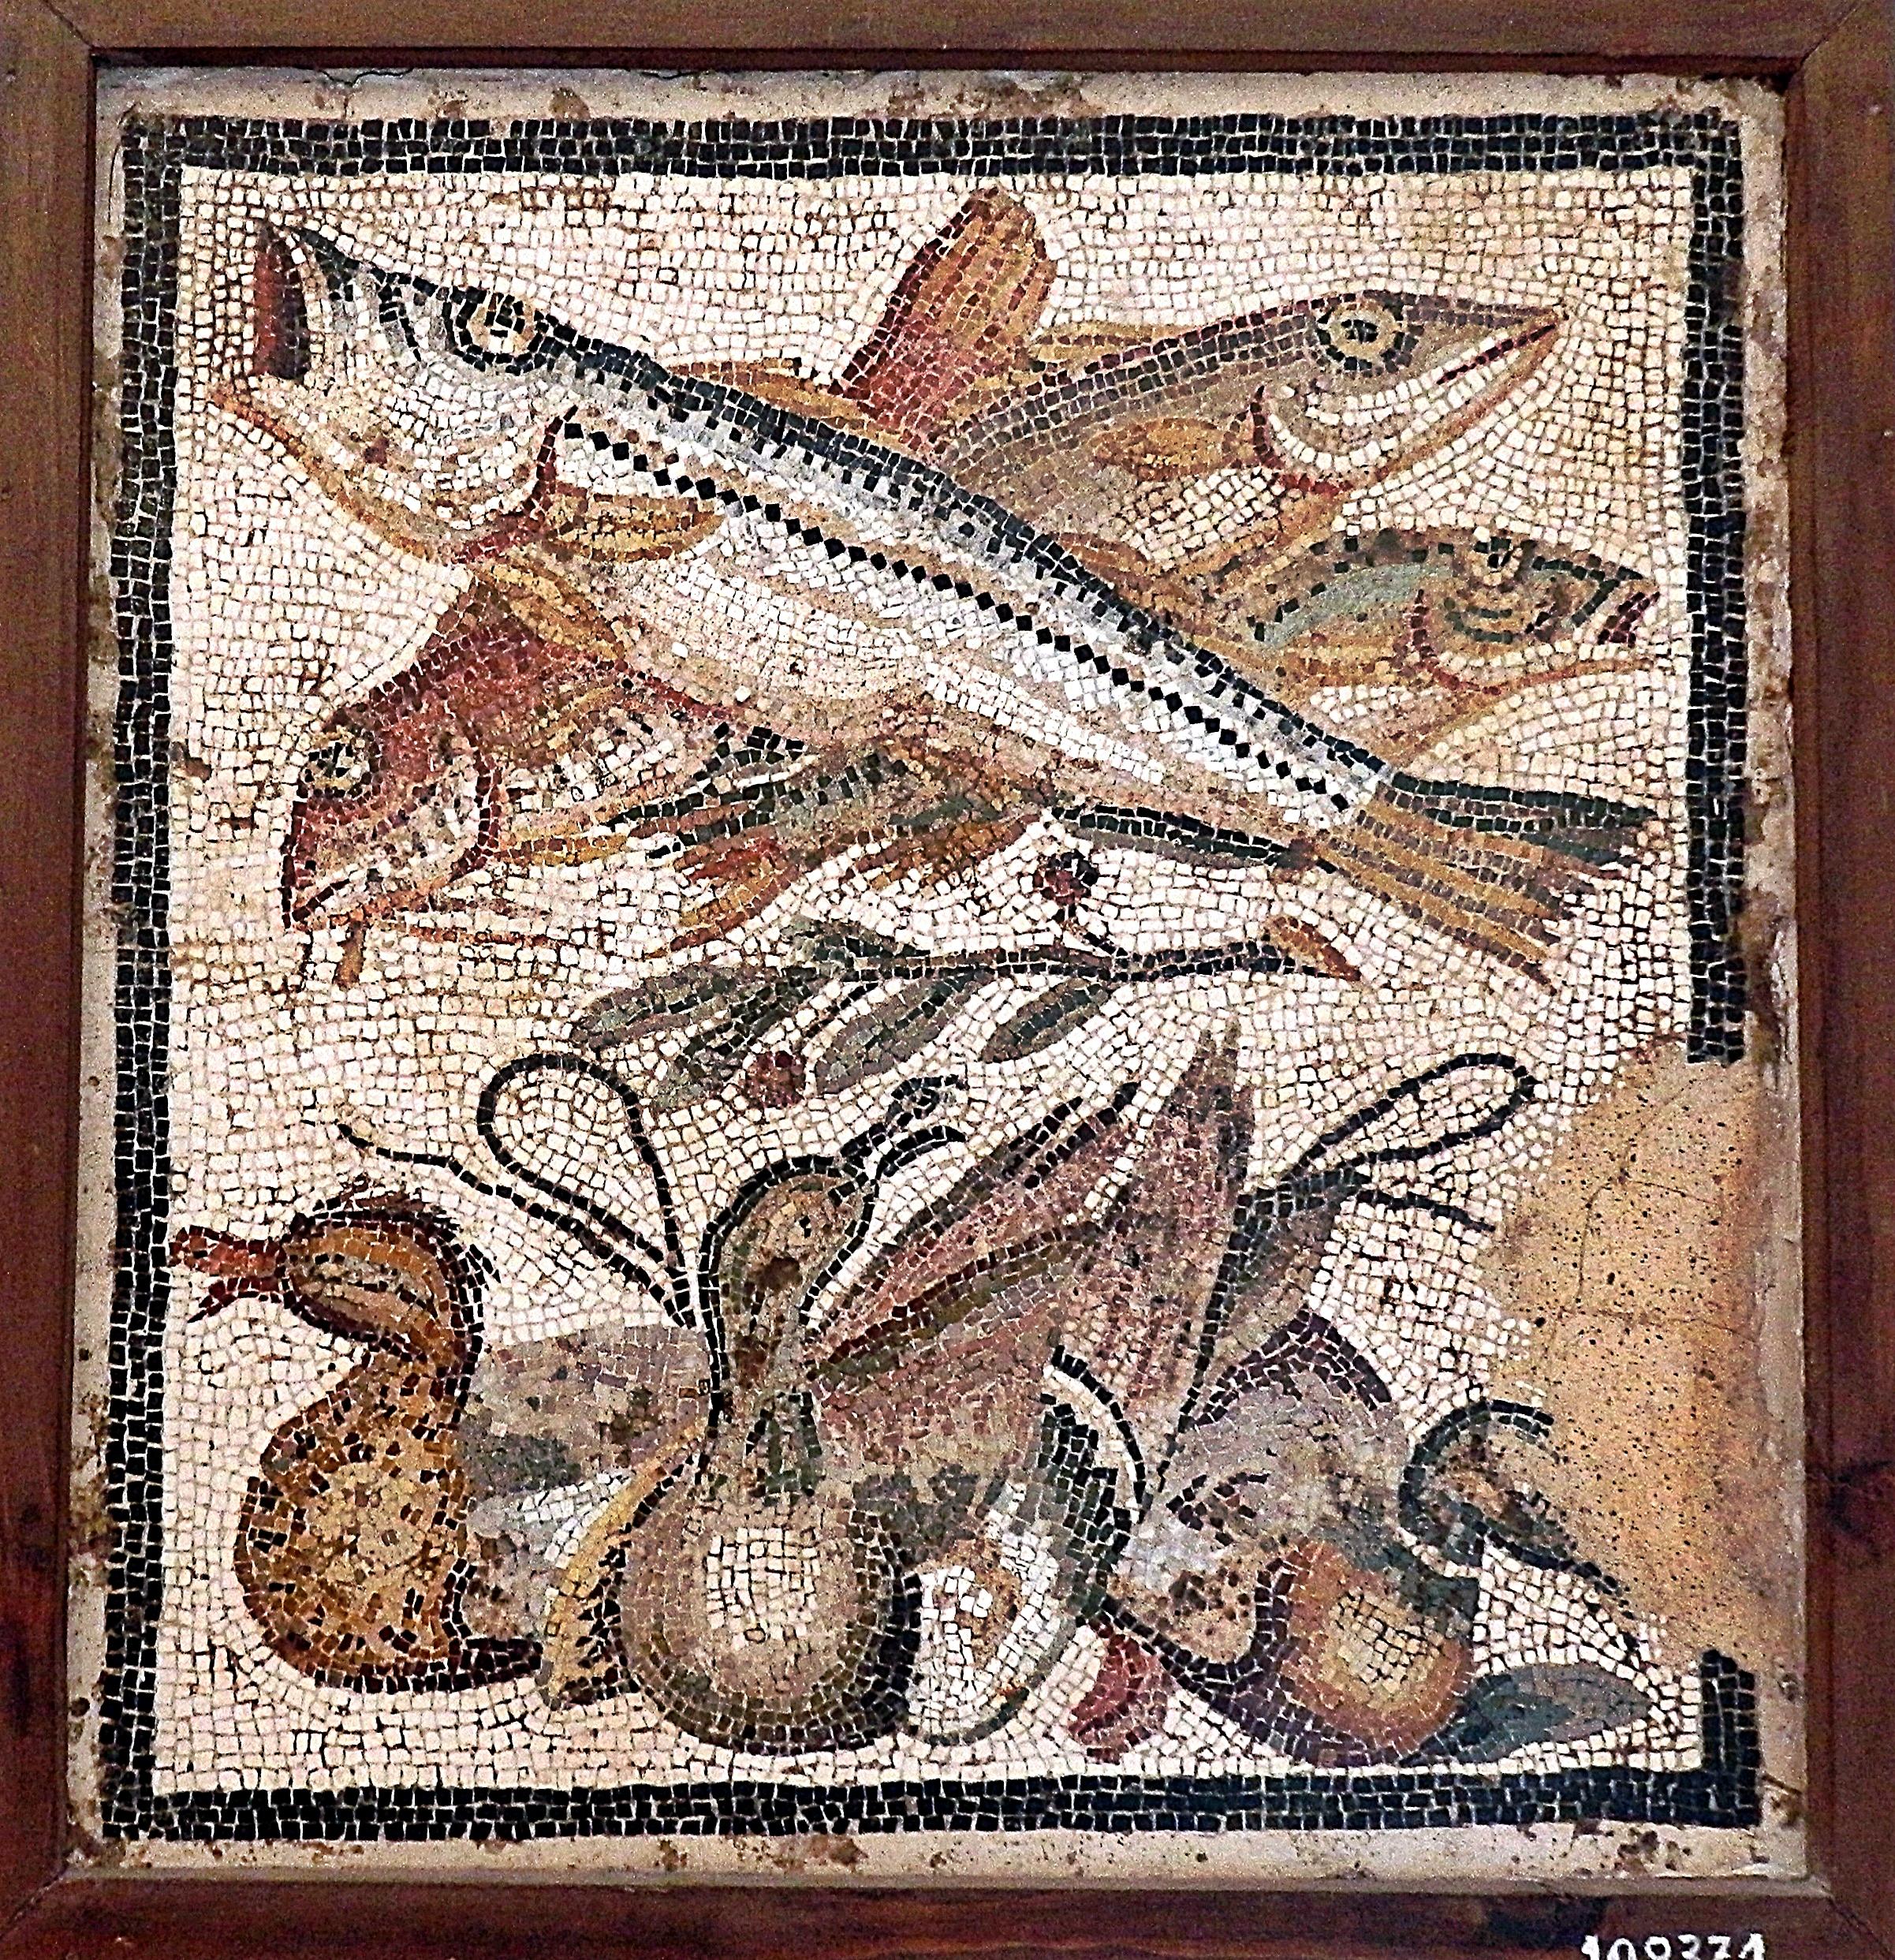 Рыба Барабулька краснобородка римская мозаика Помпеи пейзажи природы Альберт Сафиуллин